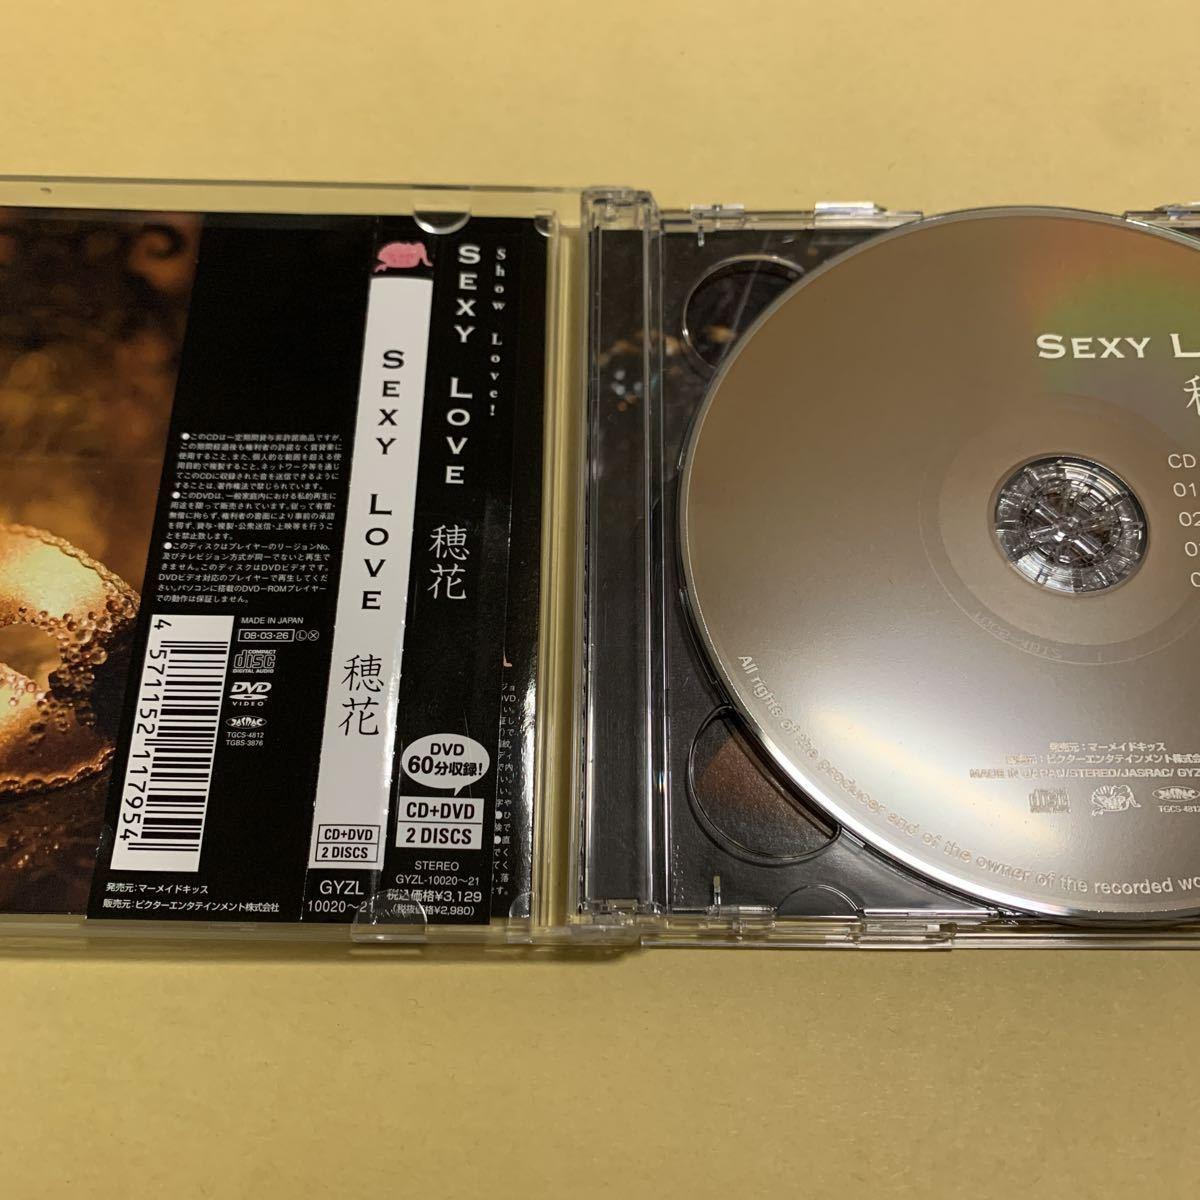 ☆帯付☆美品☆ 穂花 / Sexy Love CD+DVD_画像3